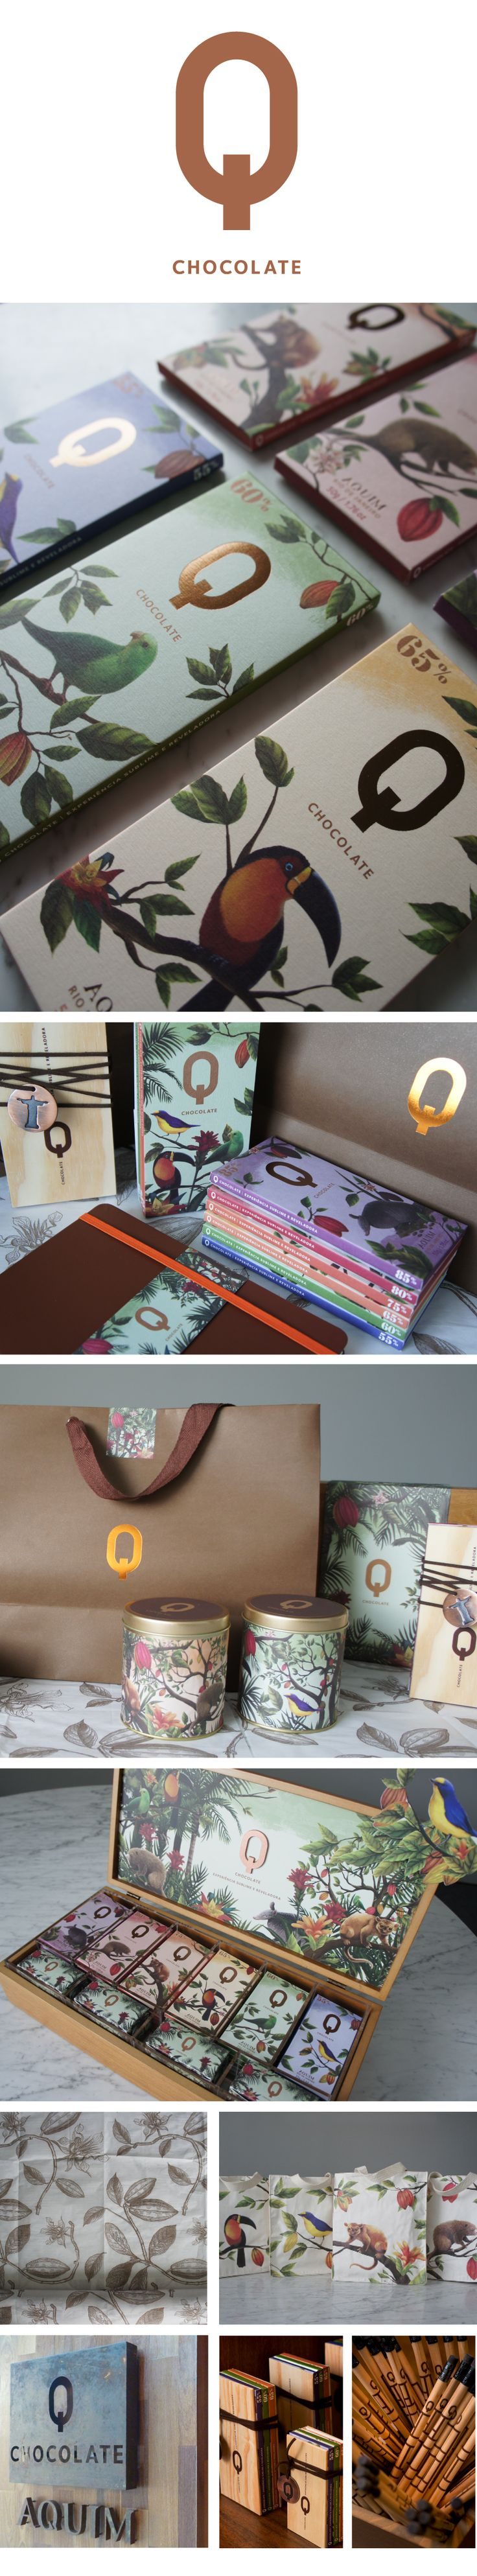 aquim, q chocolate.  design credit, claudio novaes.  cannes design 2013 winner. PD